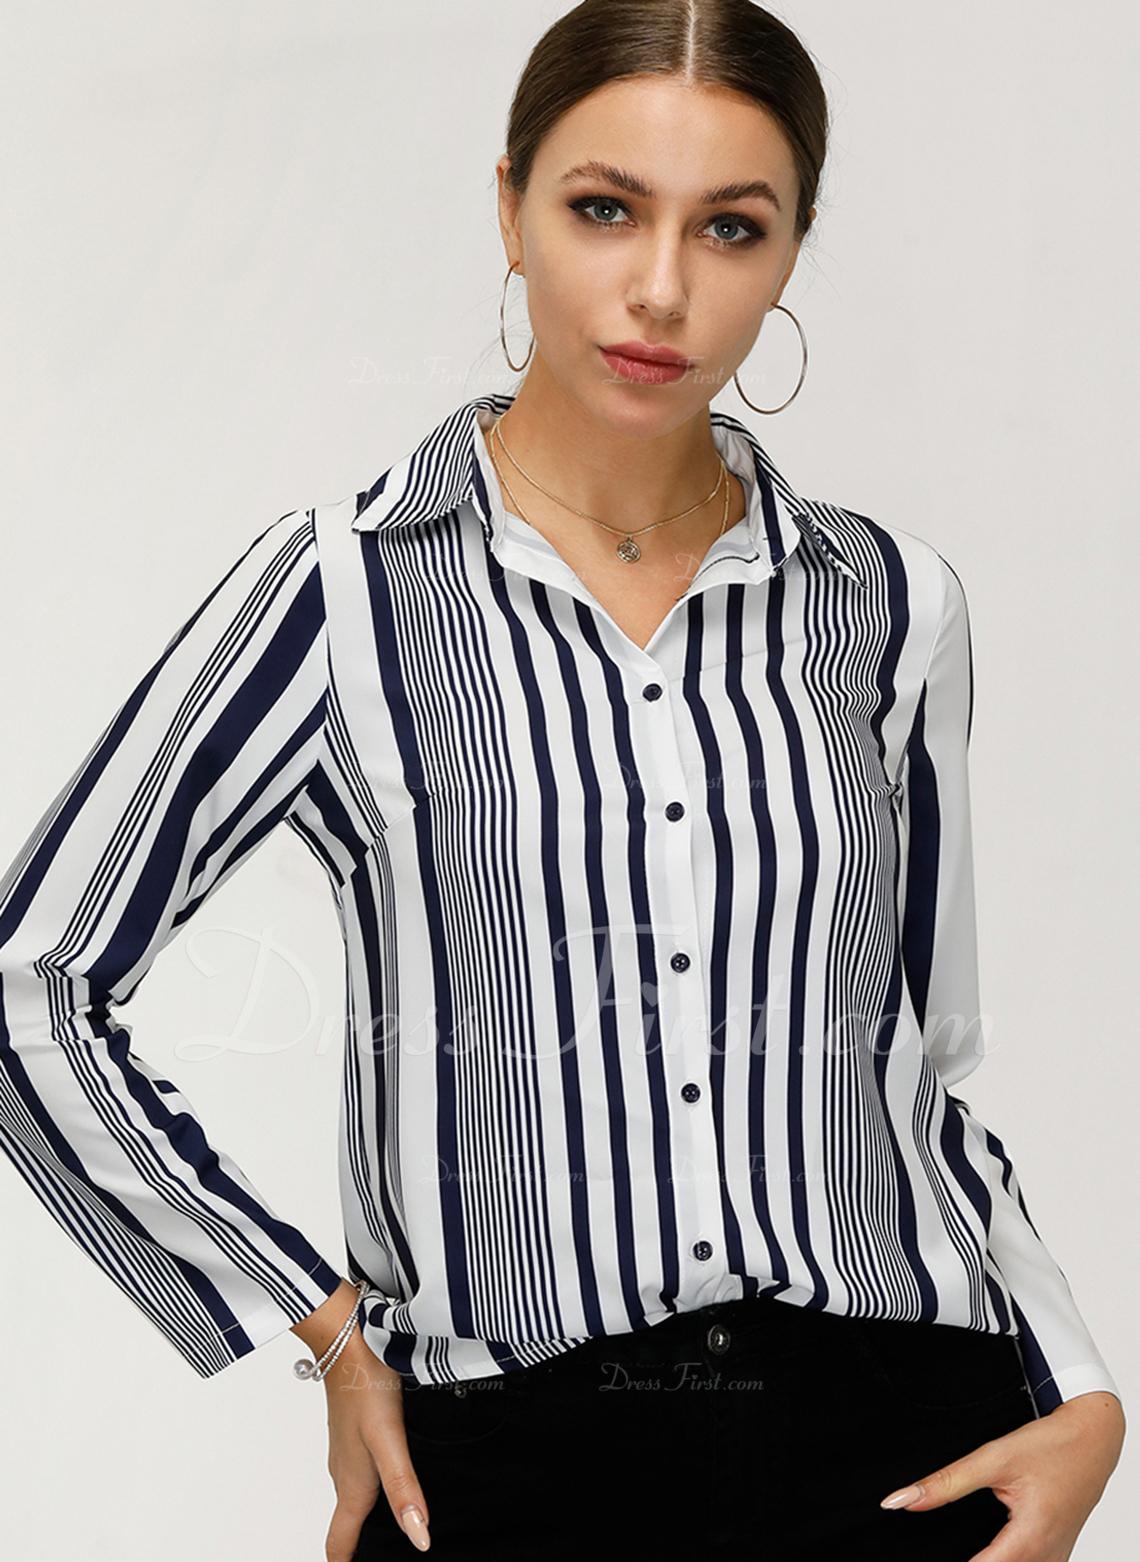 Prążek Długie rękawy Poliester Lapel Koszula Bluzki Bluzki